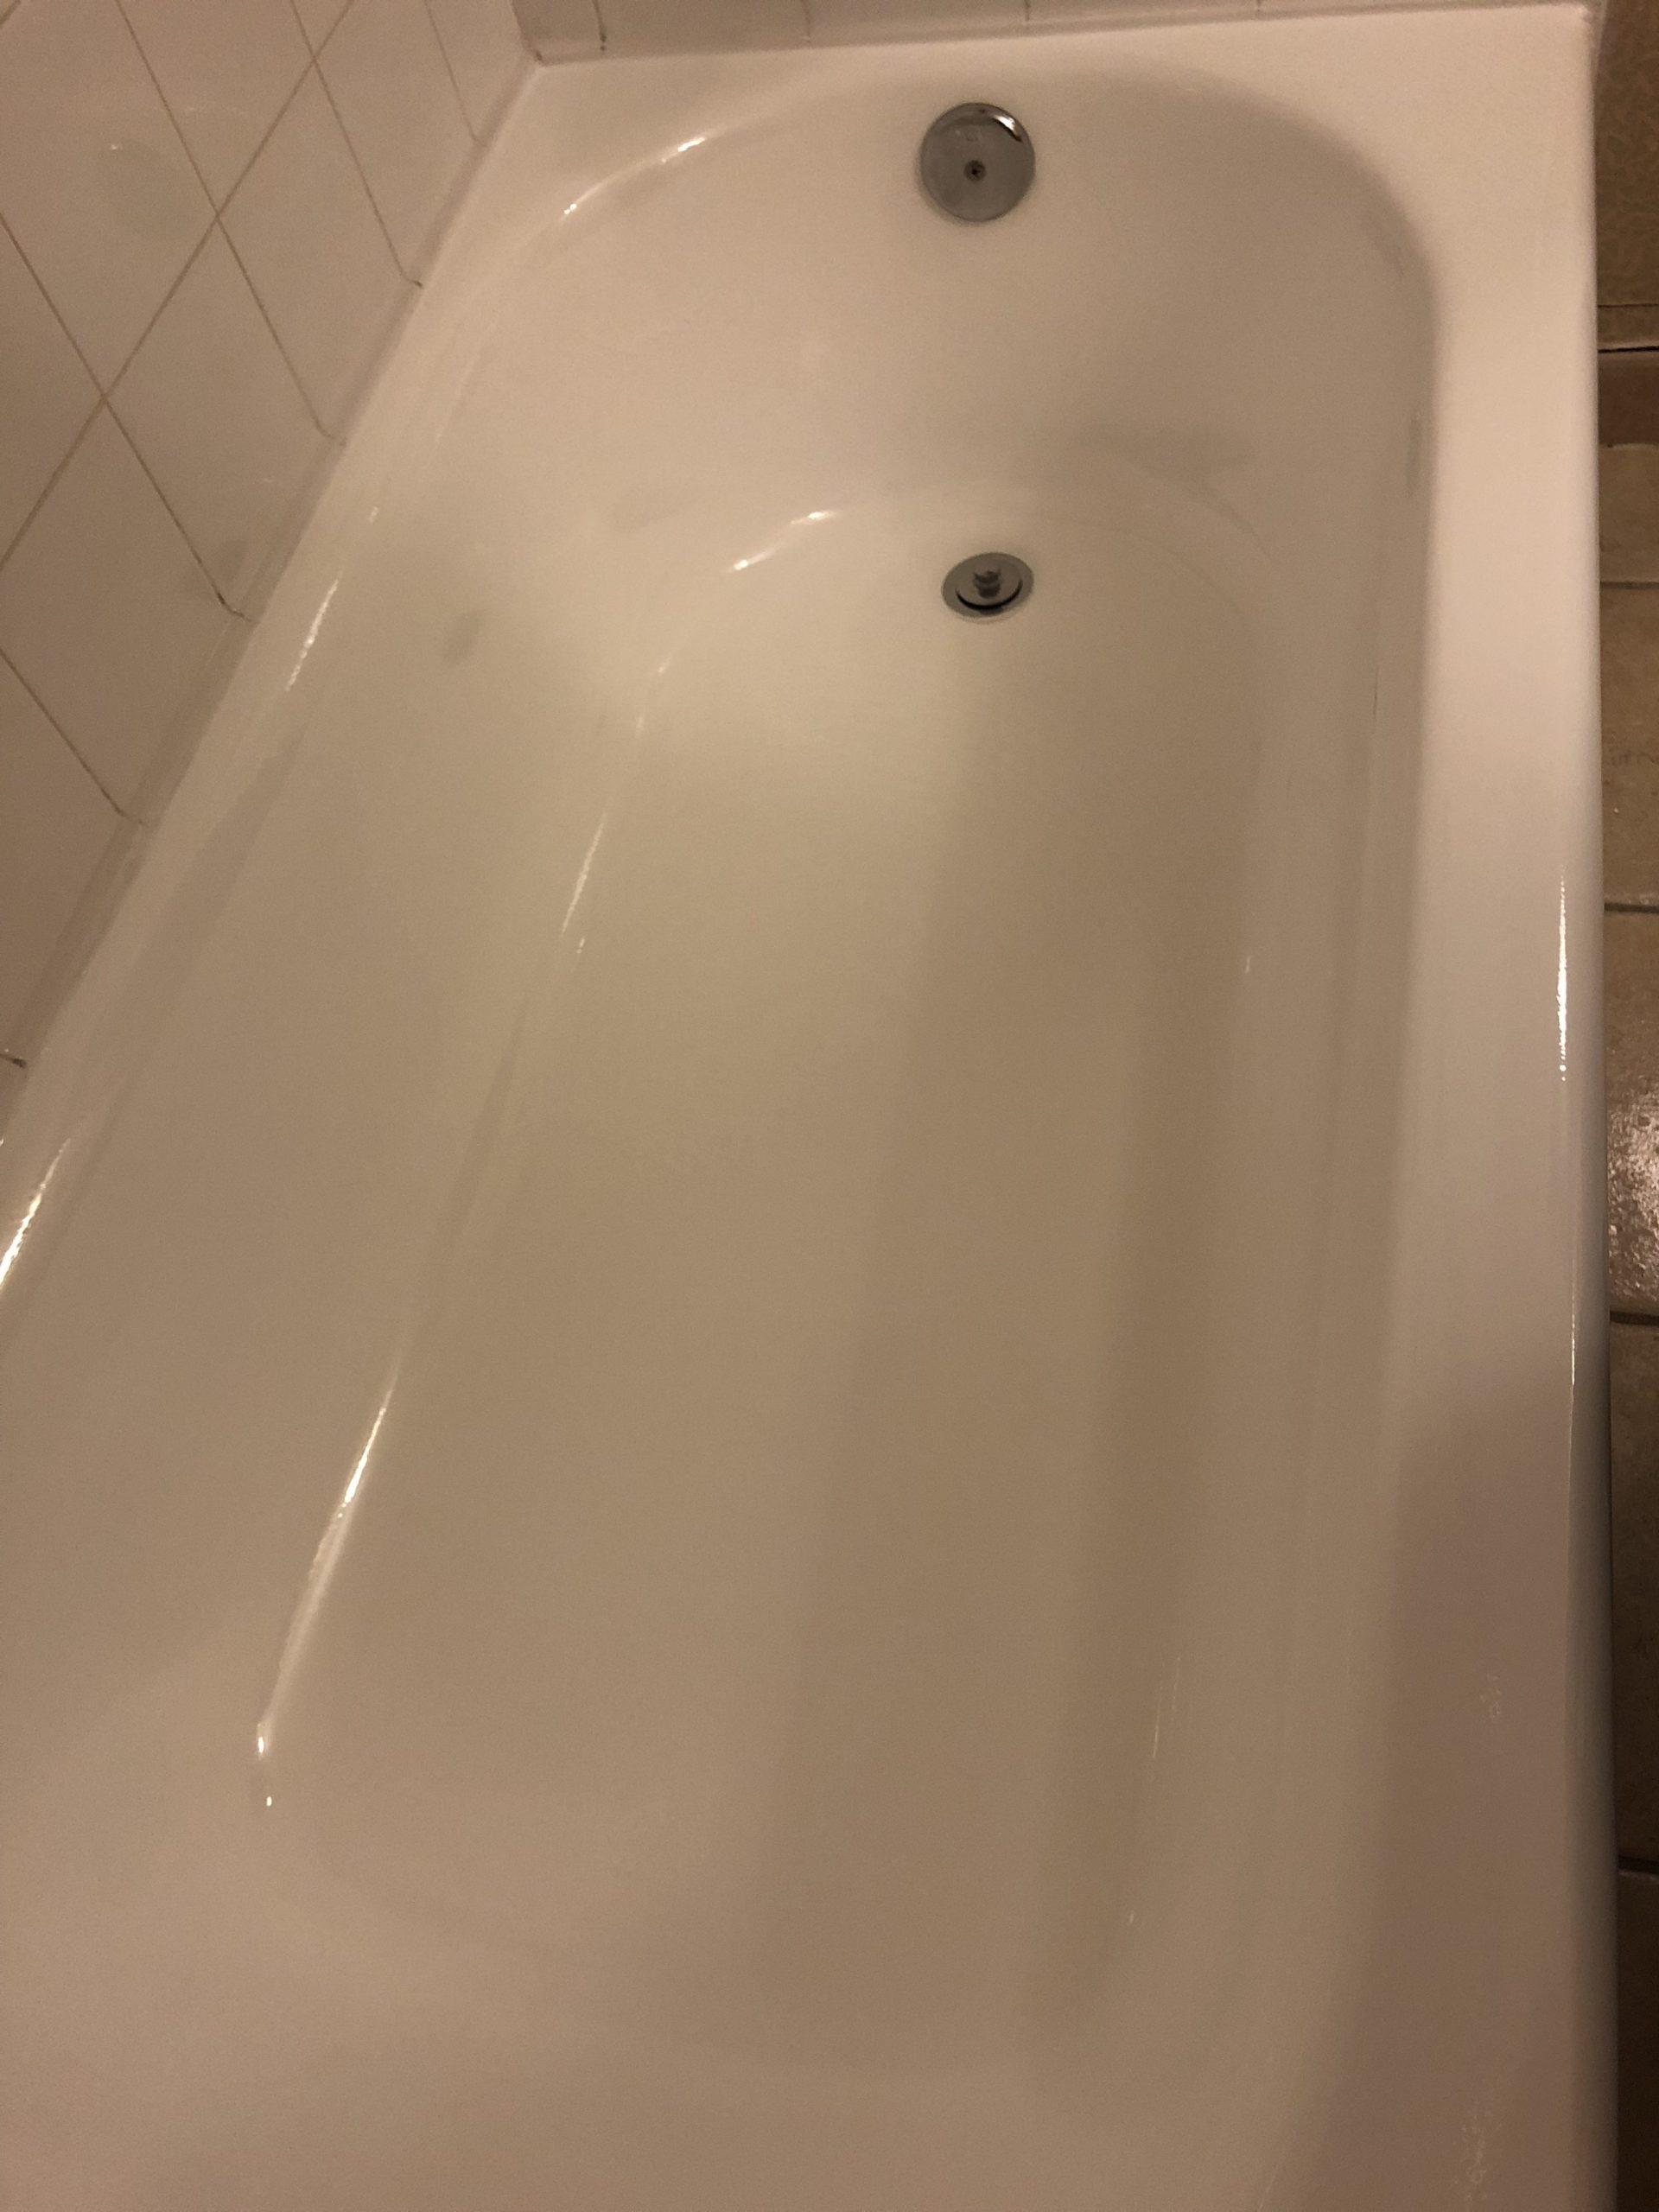 tub after shot